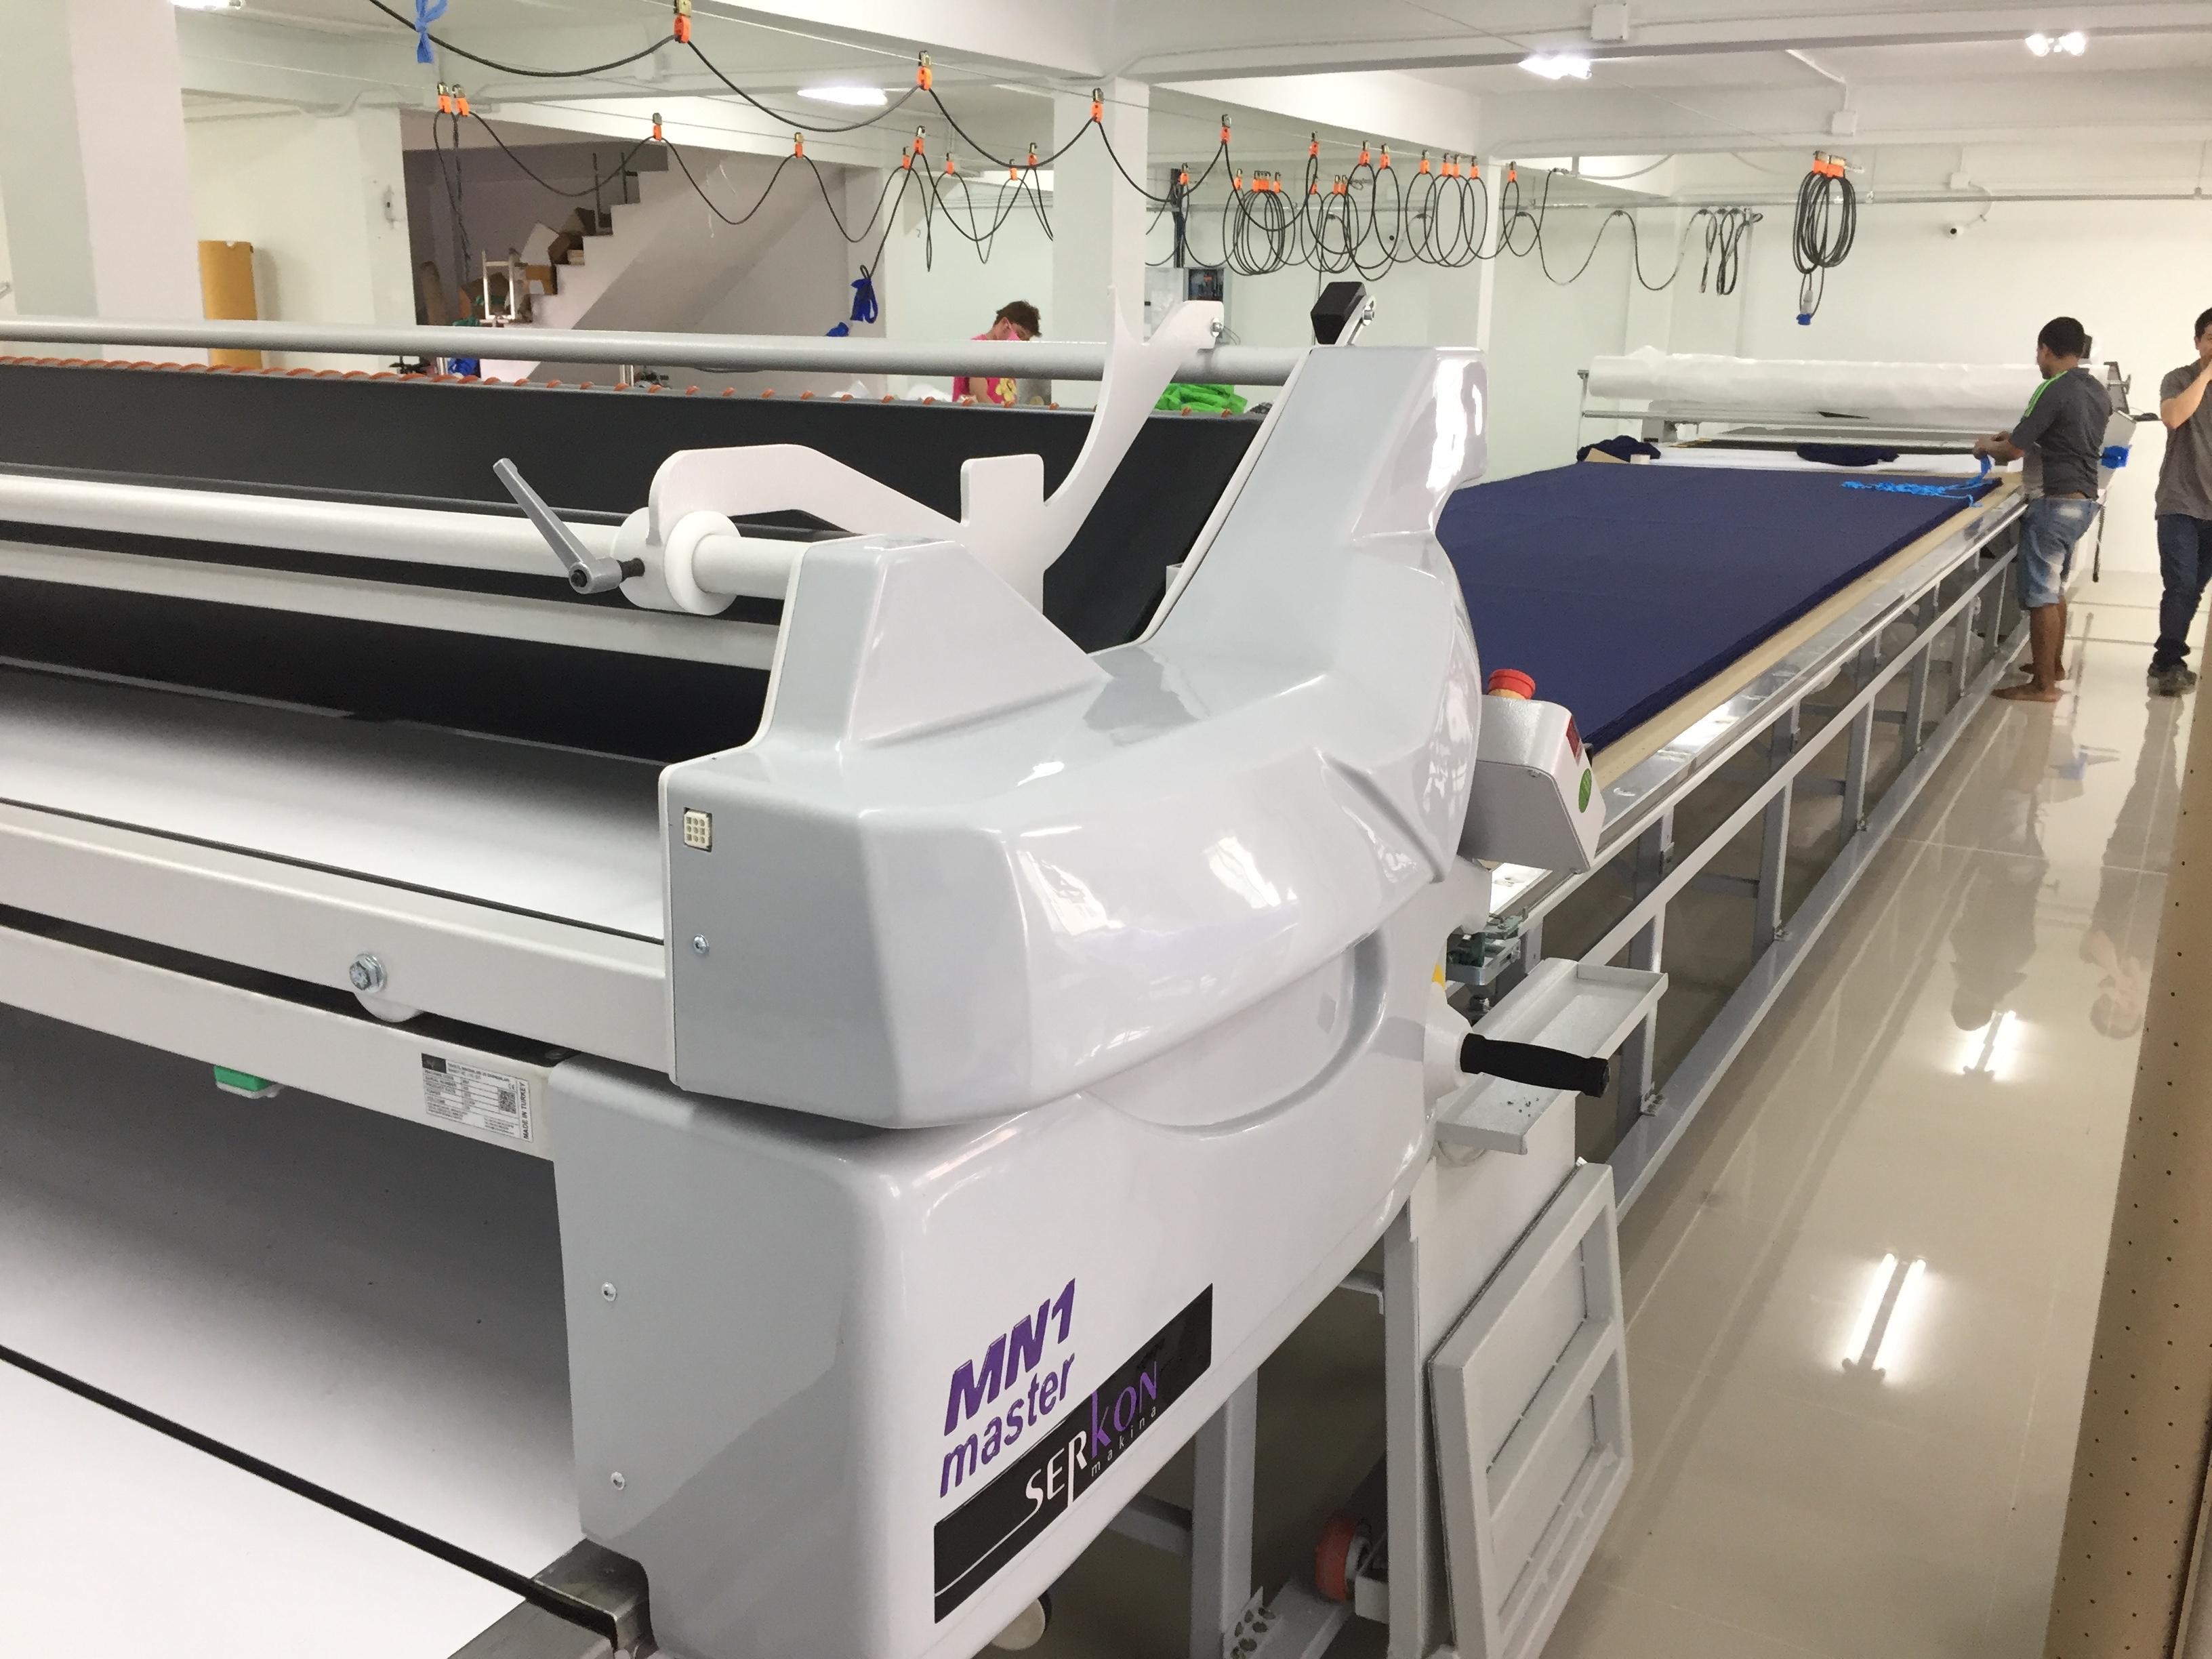 เครื่องปูผ้าอัตโนมัติจากการใช้งานจริง